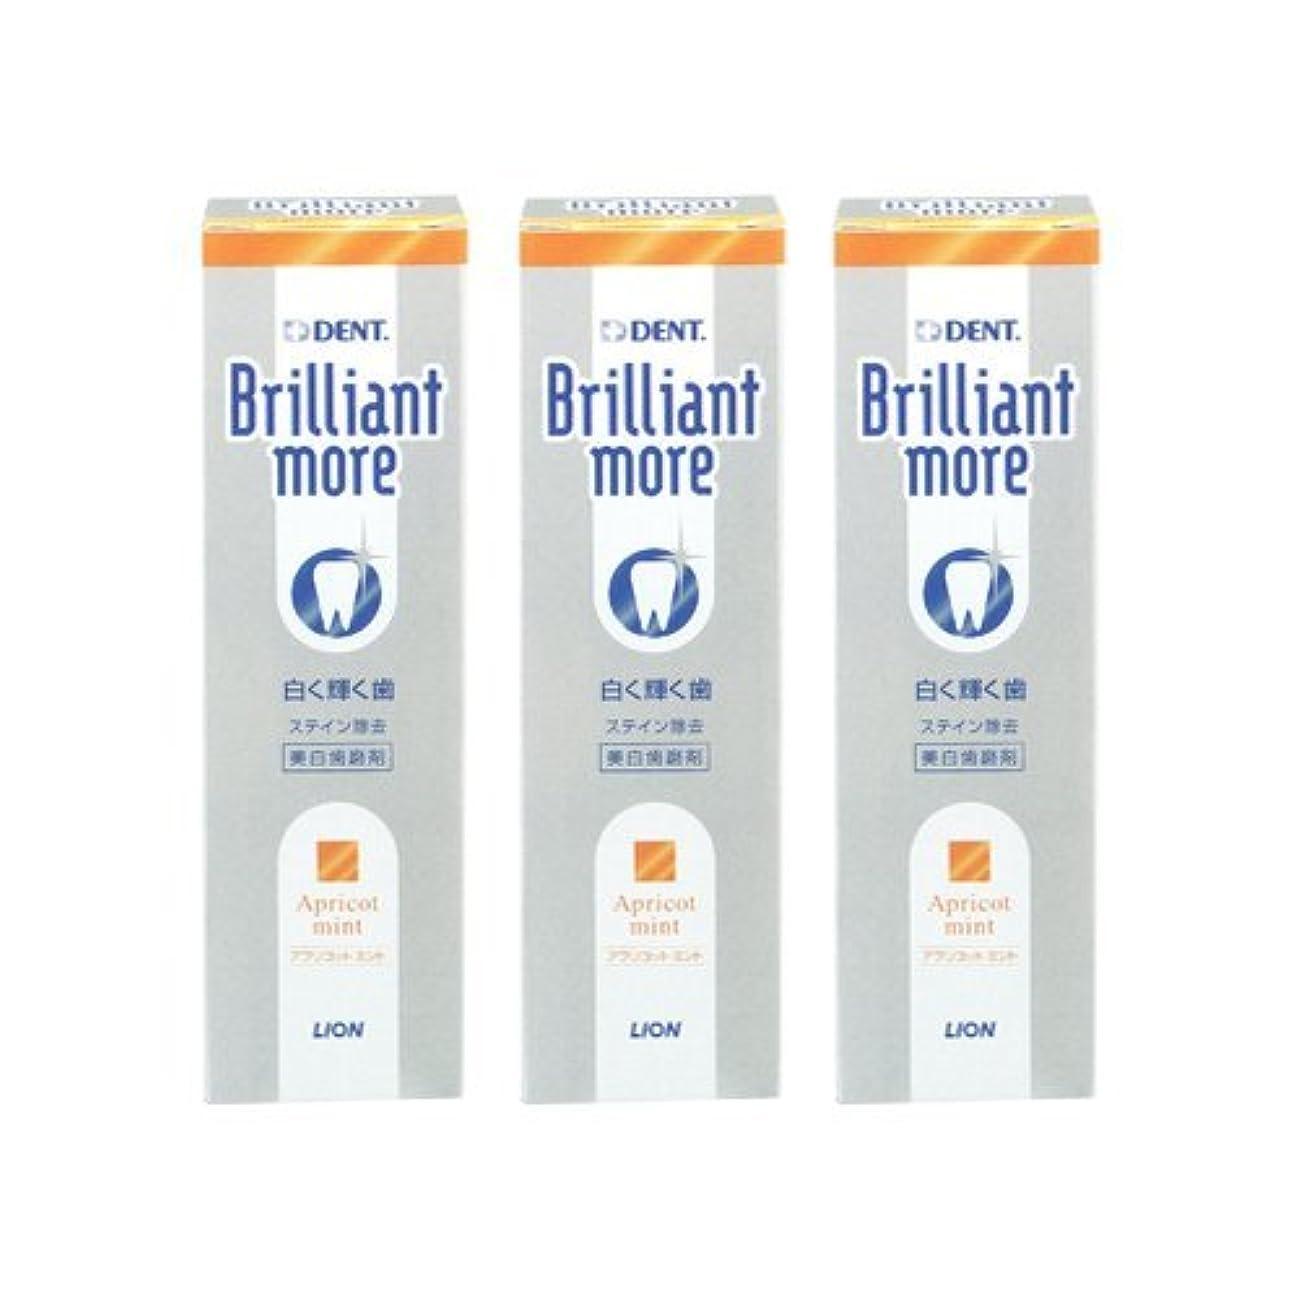 ウガンダ代表団セージライオン ブリリアントモア アプリコットミント 3本セット 美白歯磨剤 LION Brilliant more